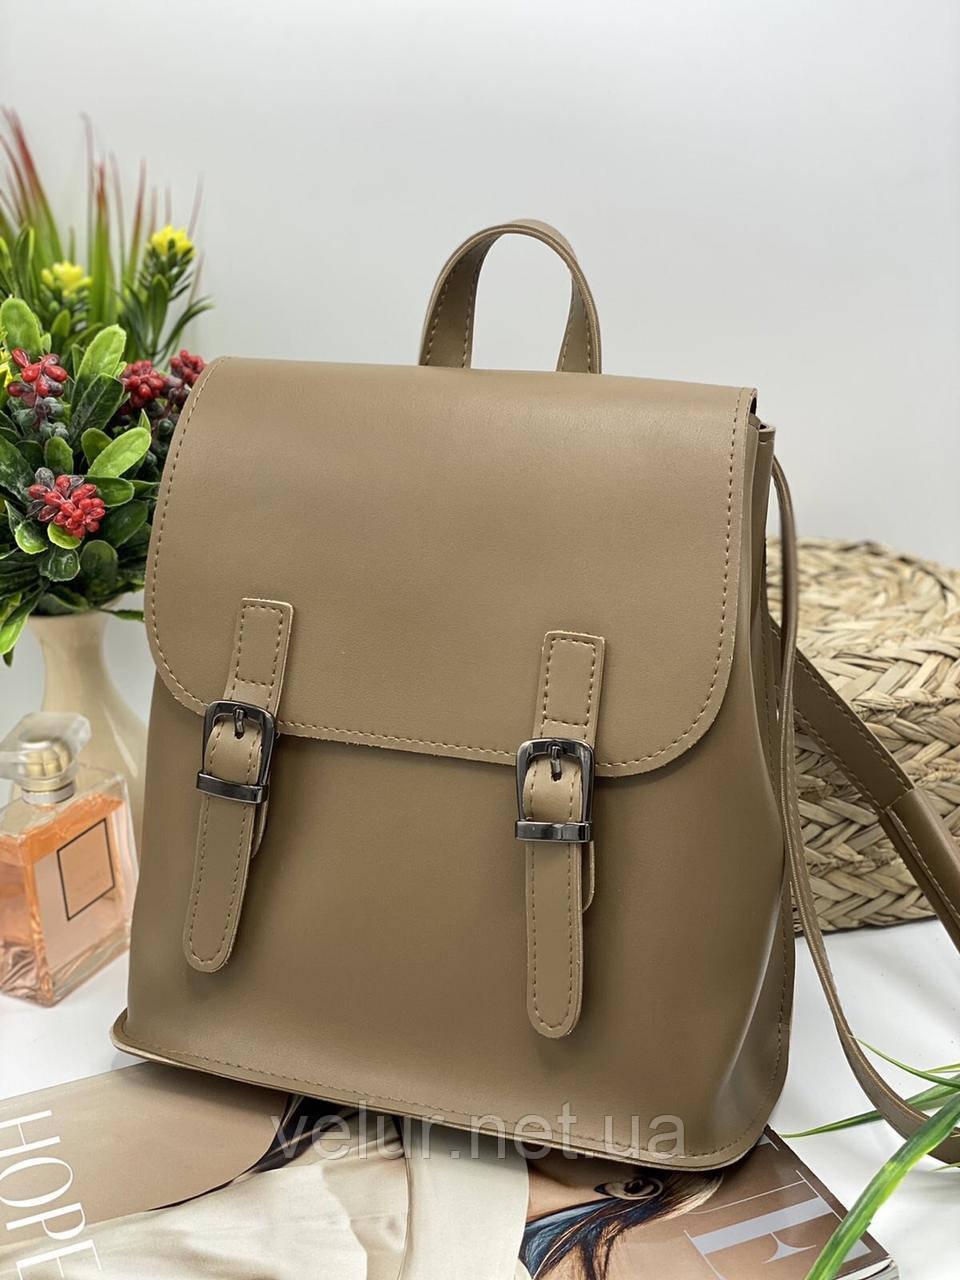 Жіноча стильна сумка; турецька еко-шкіра PU, розміри 25*28*11 см, 8 кольорів.